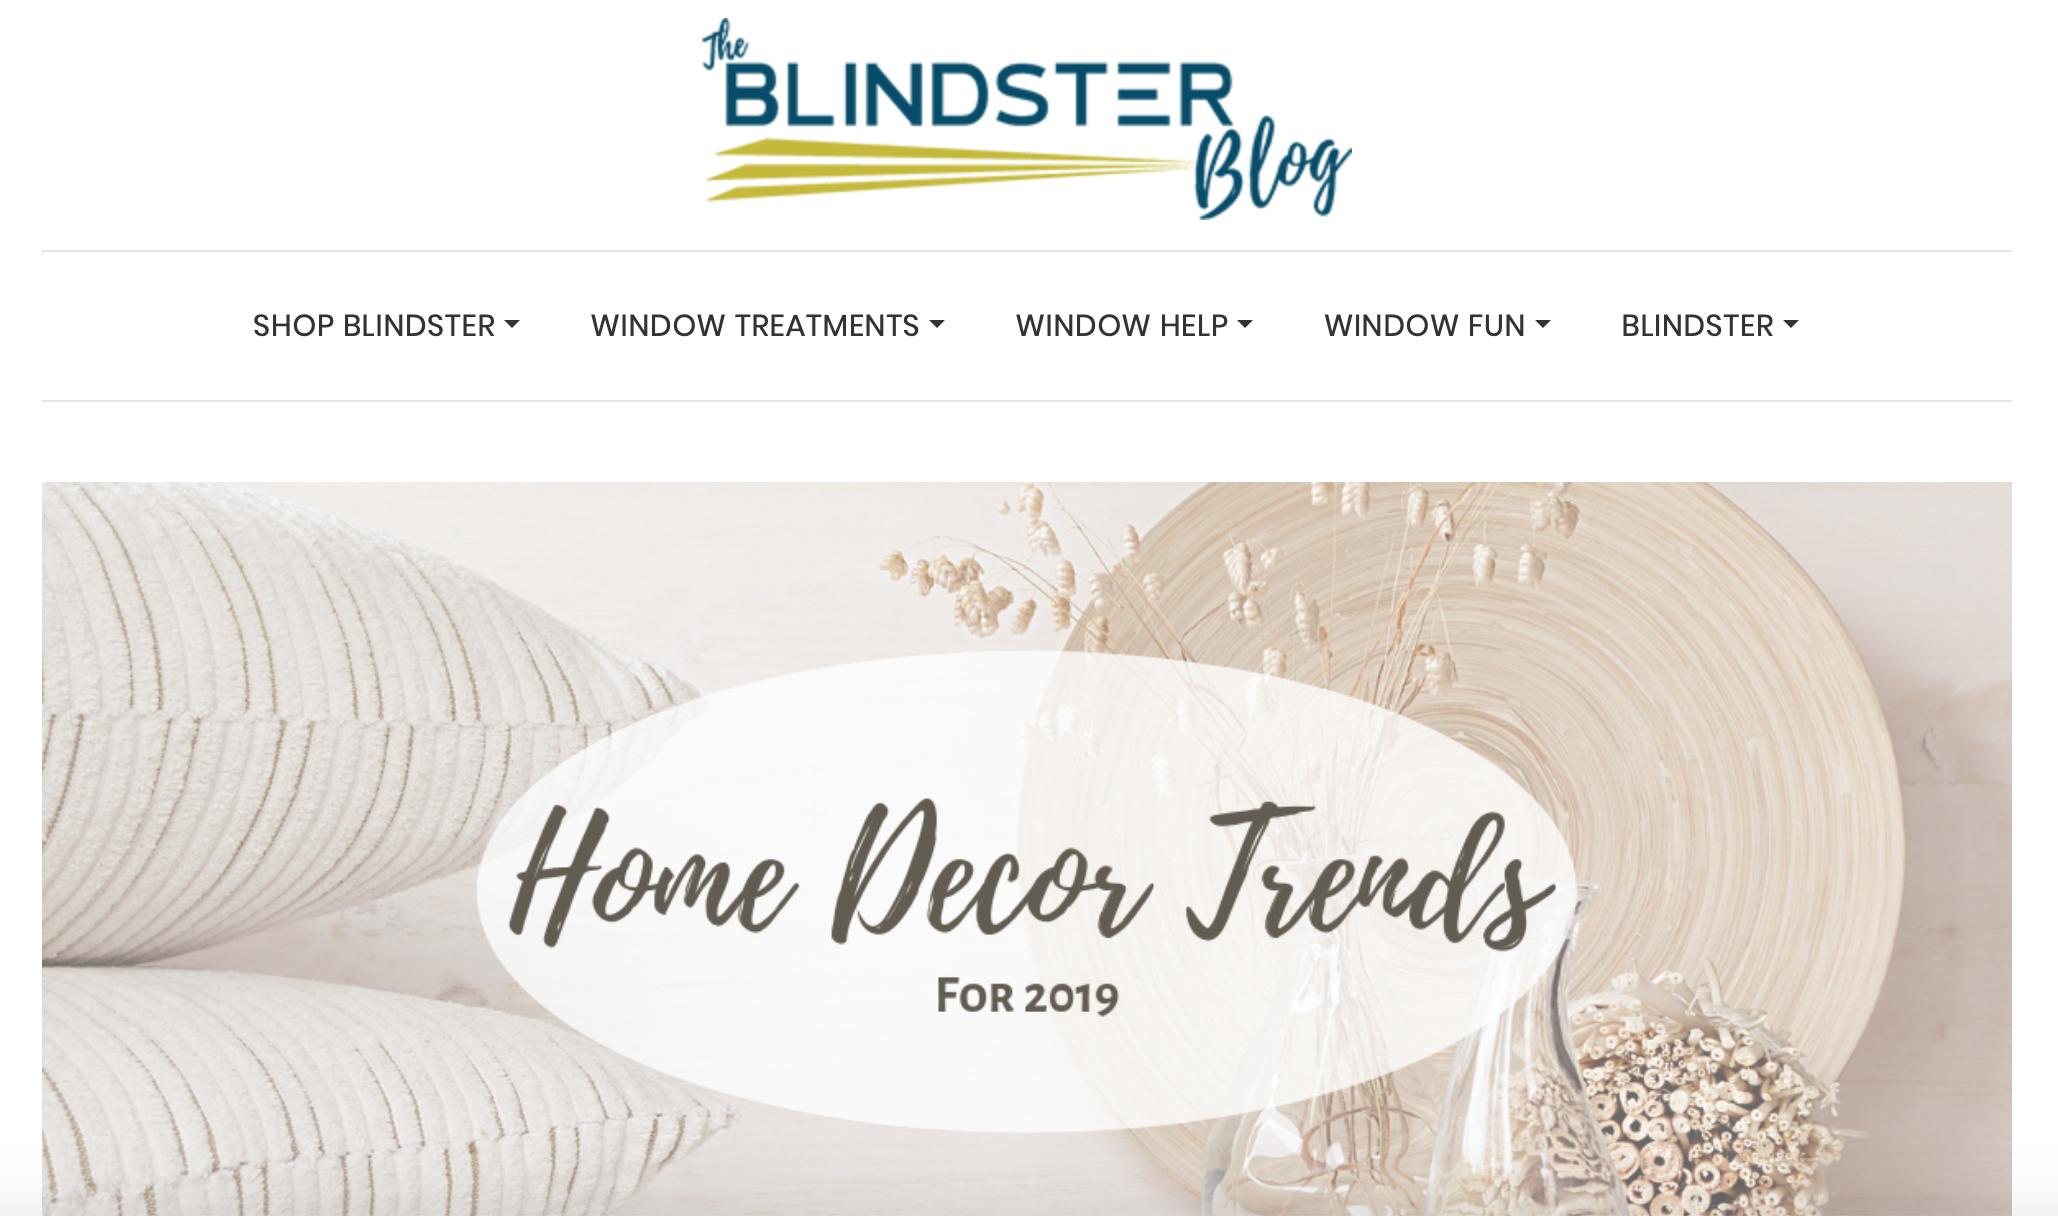 blindster article